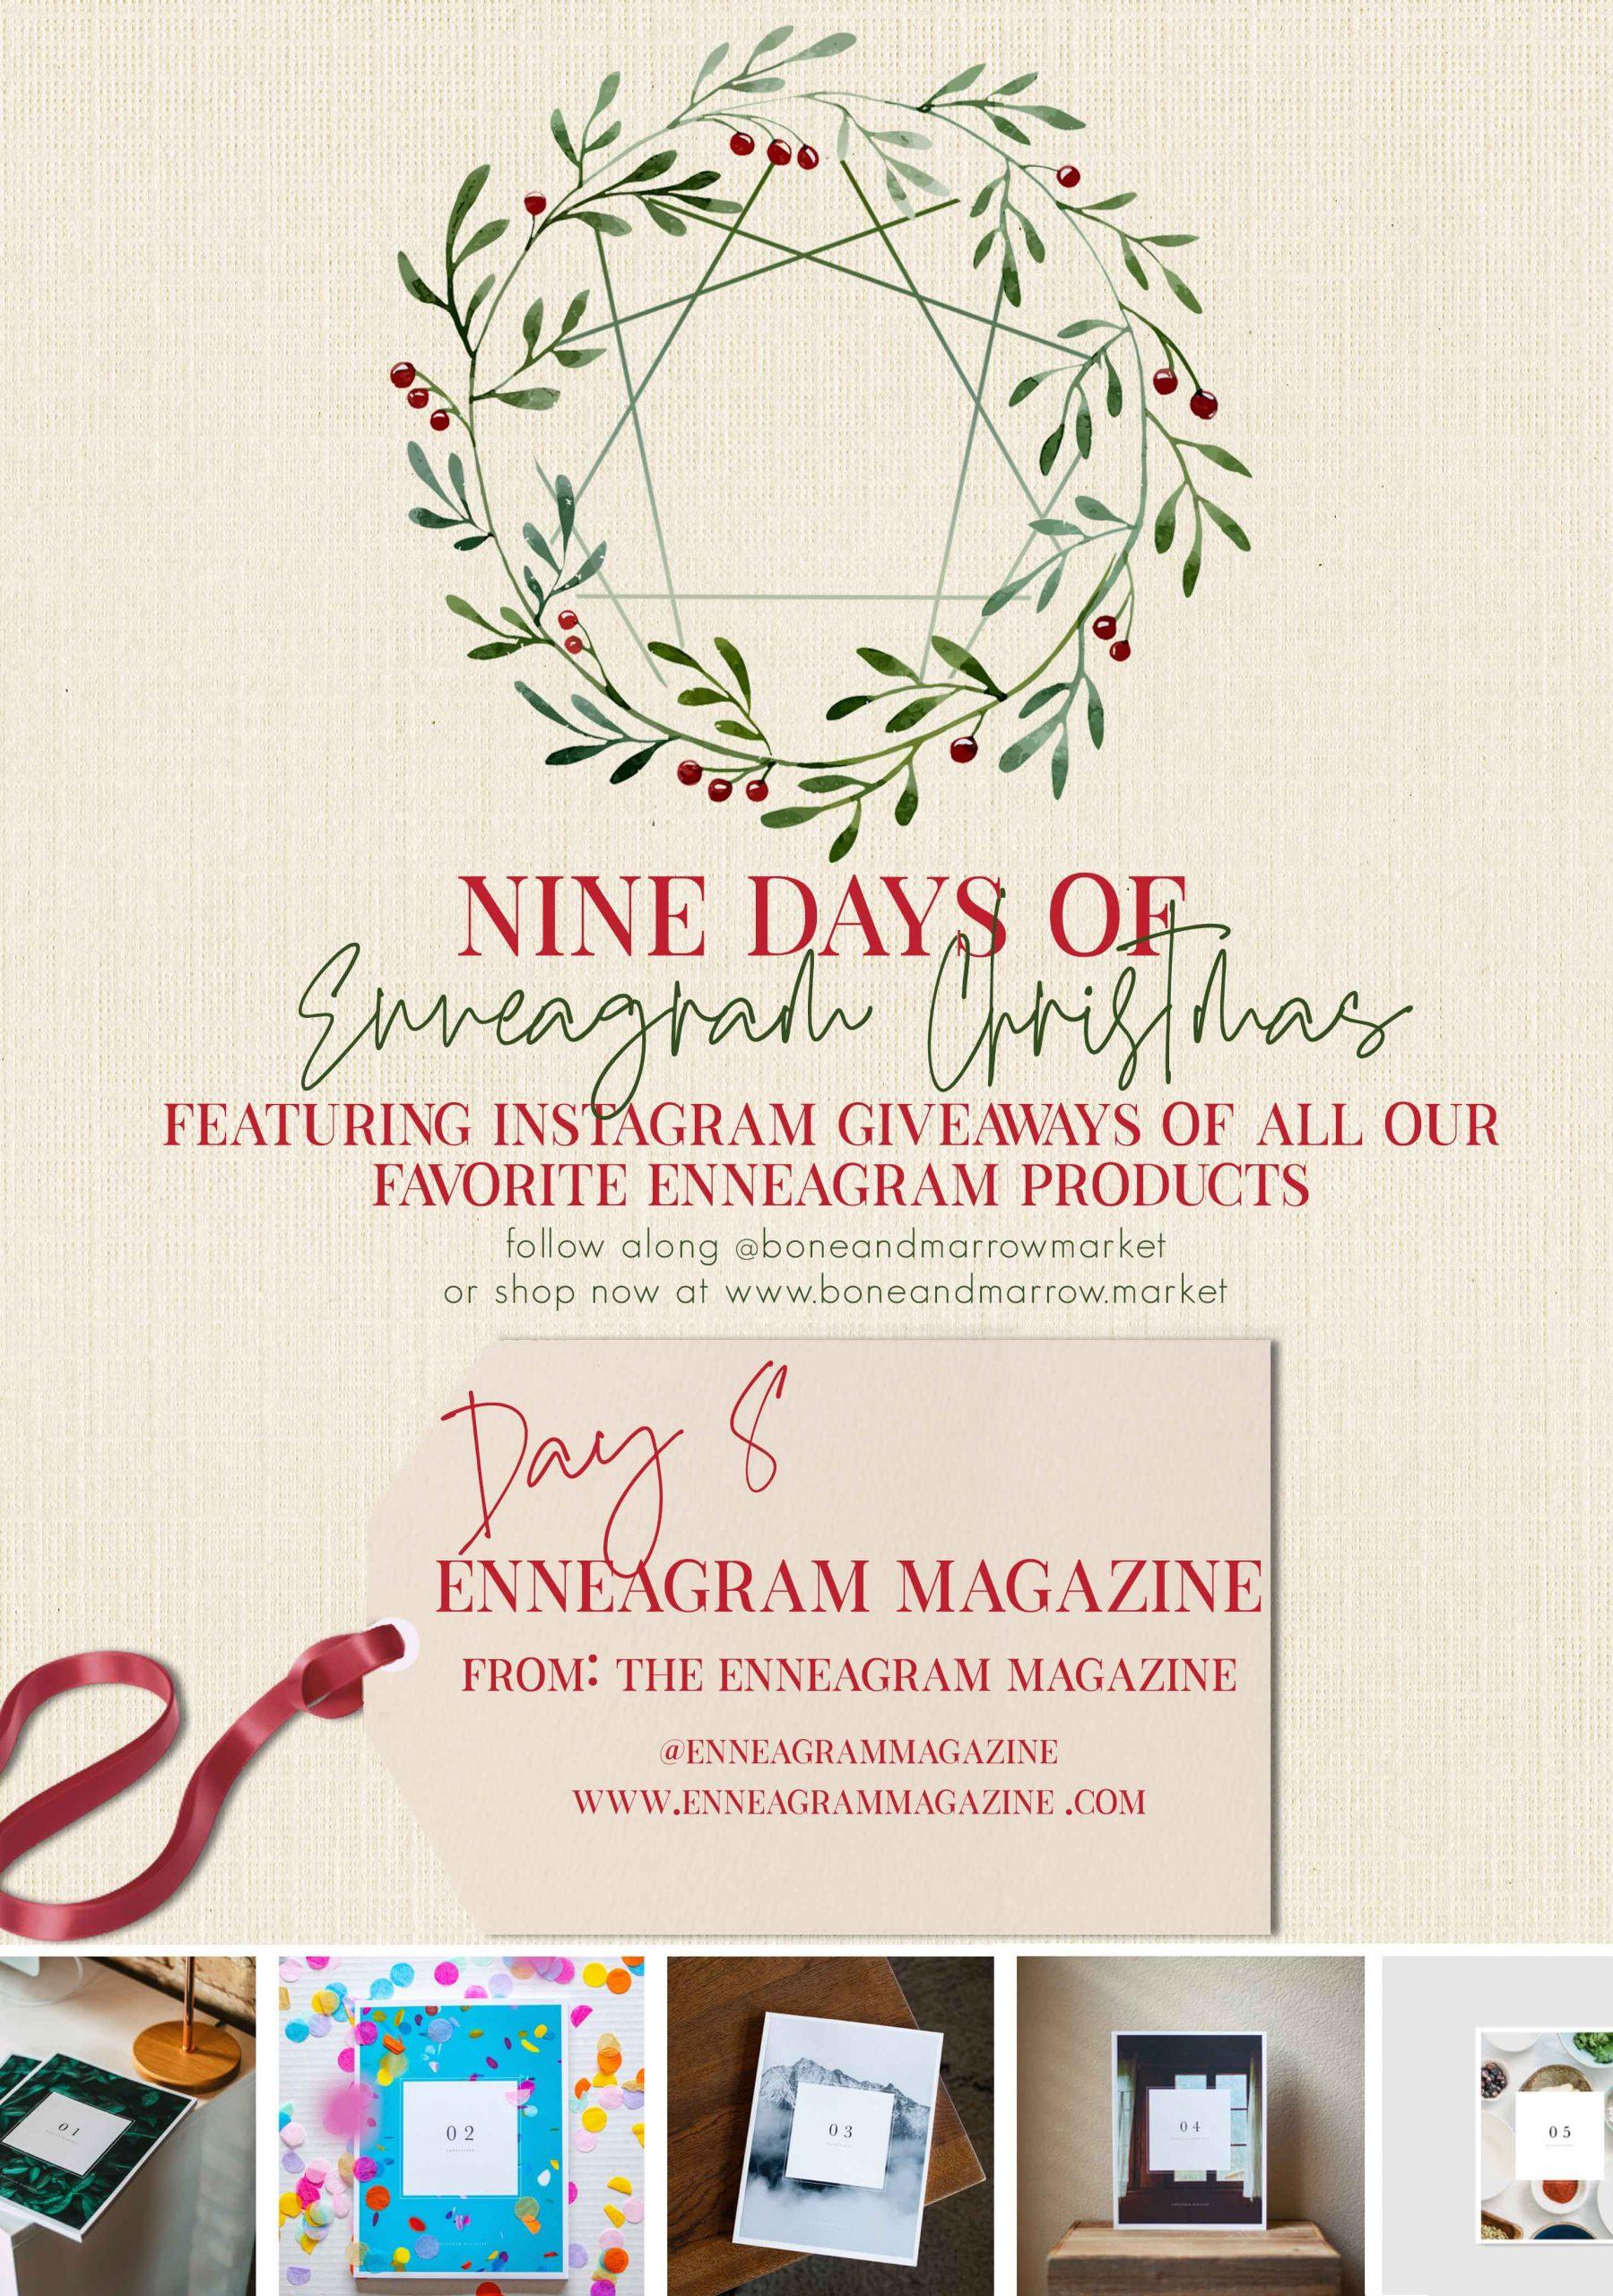 Enneagram Magazine | 9 Days of Enneagram Christmas